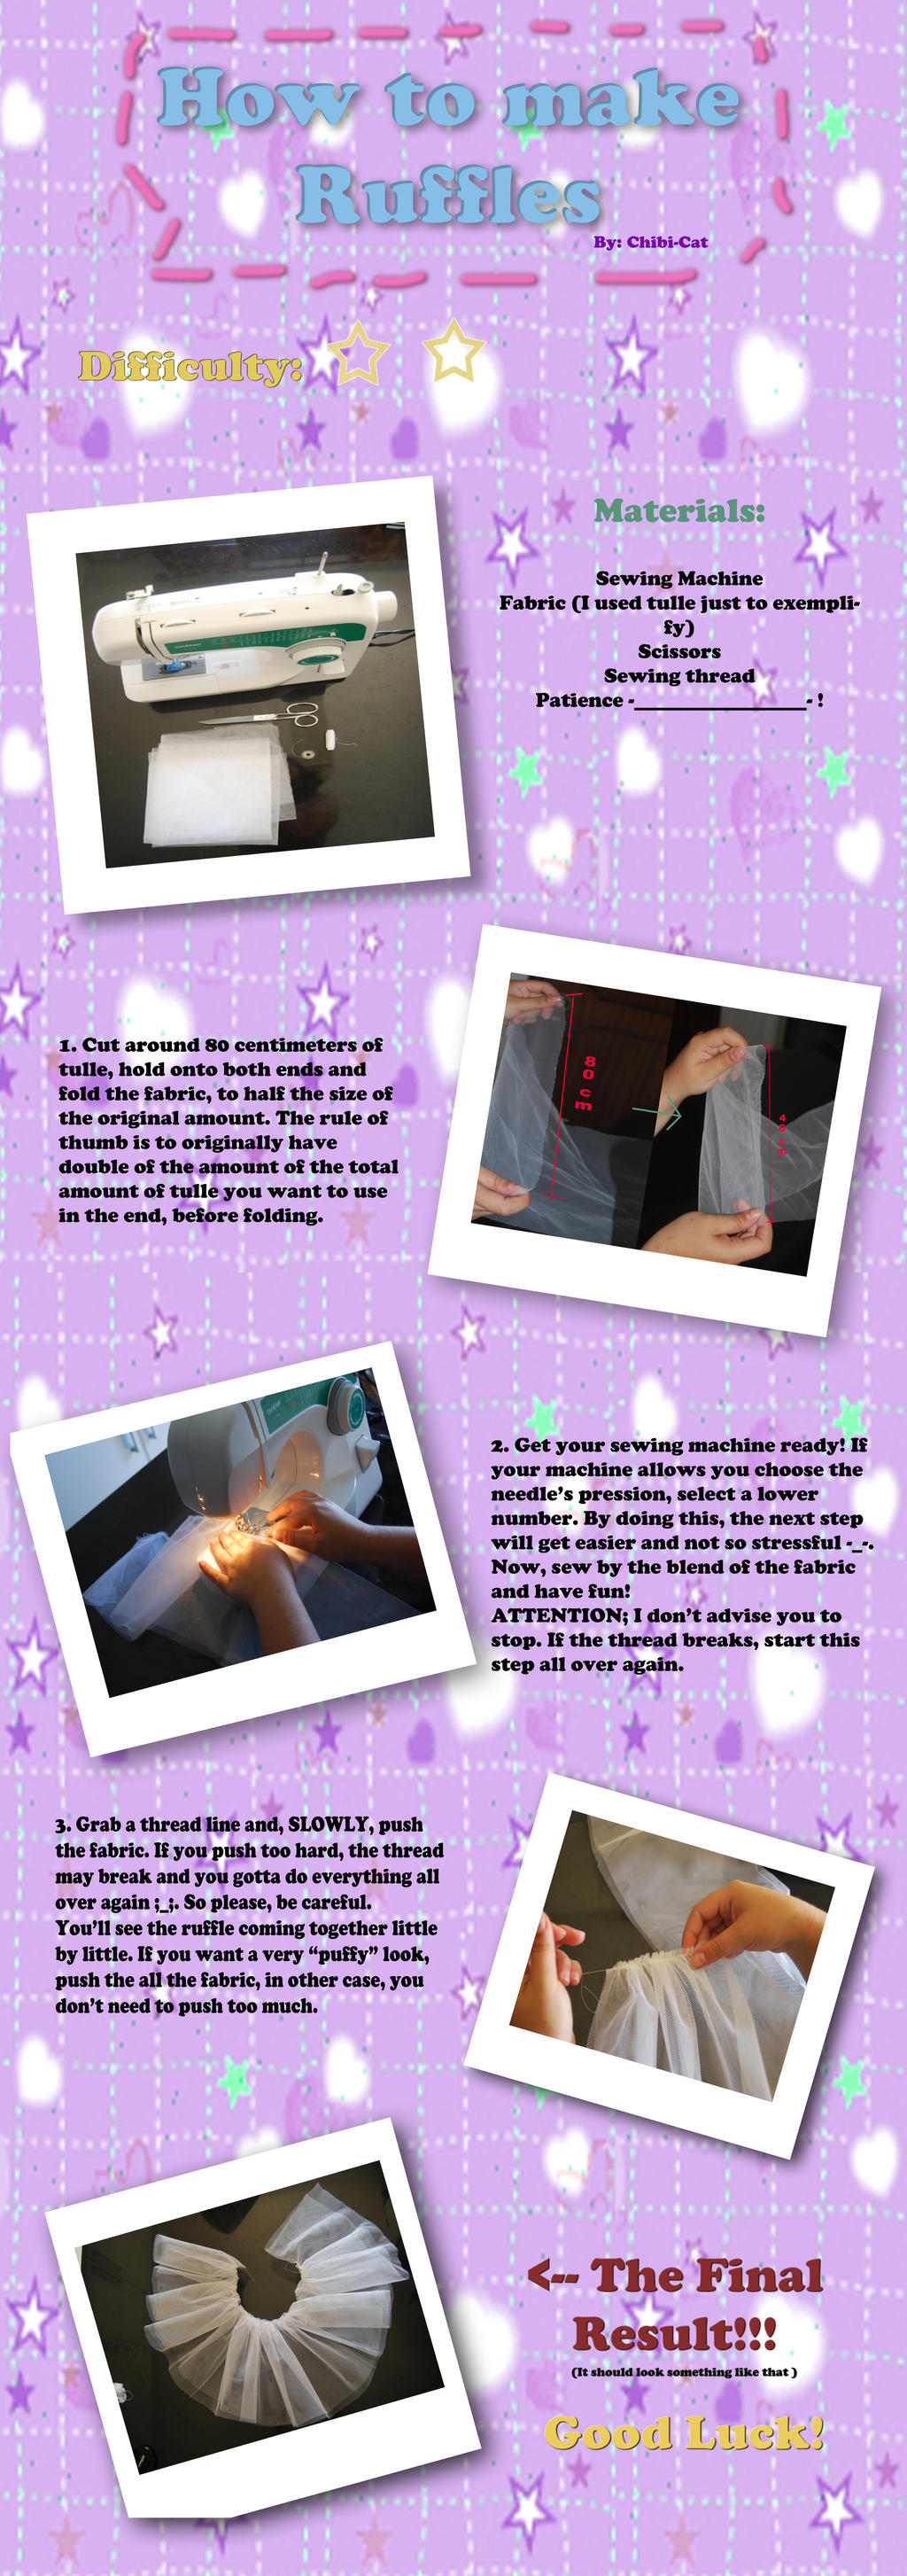 How to make ruffles